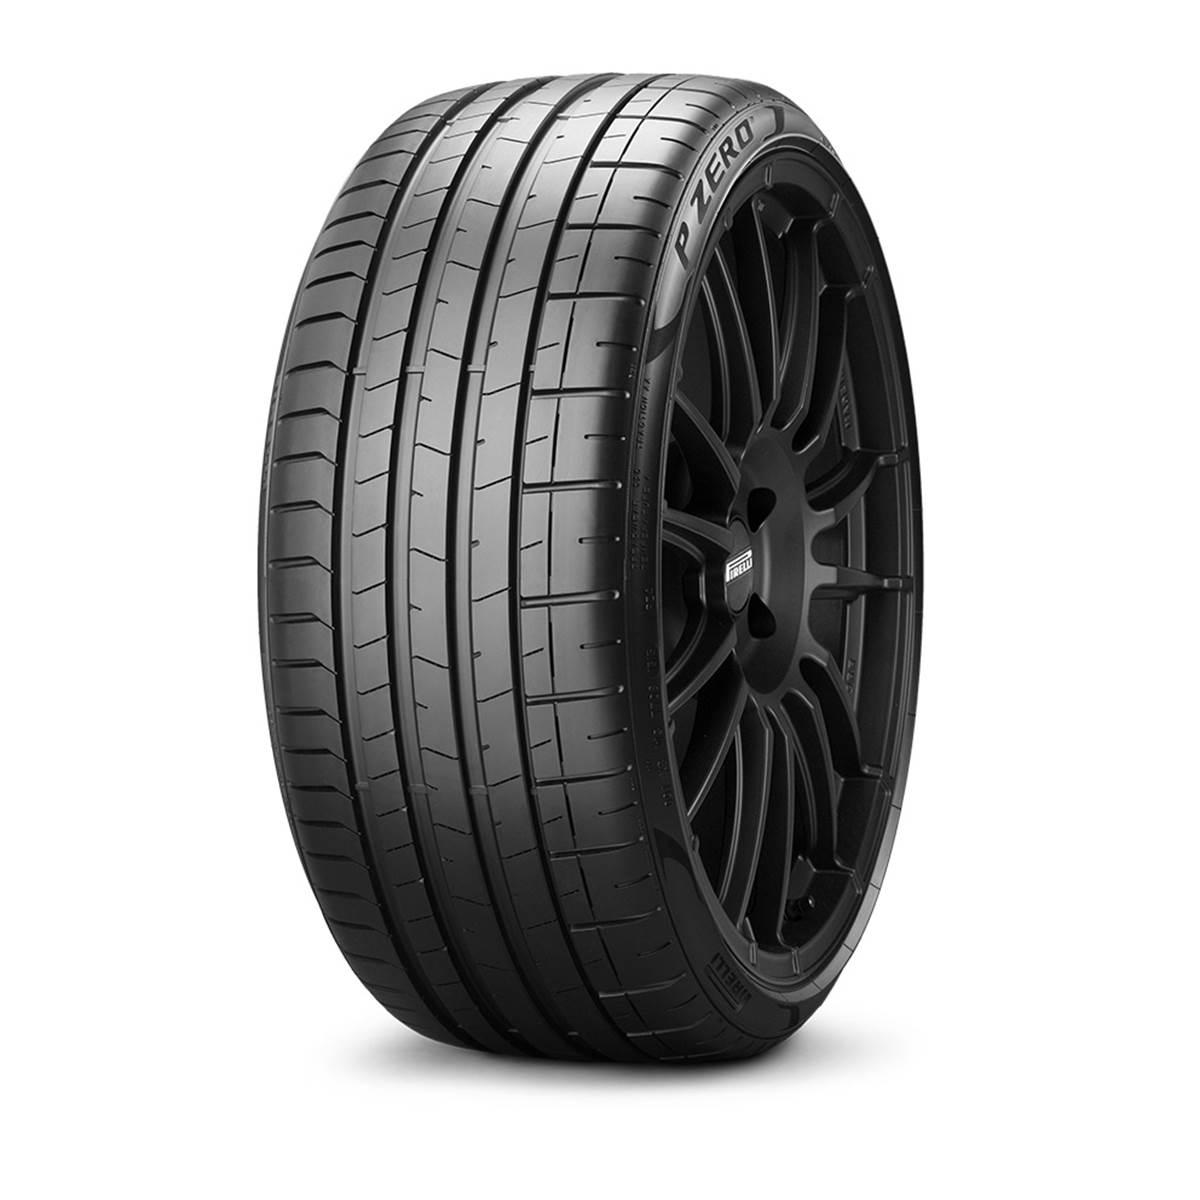 Pneu Pirelli 265/40R20 104Y Pzero XL